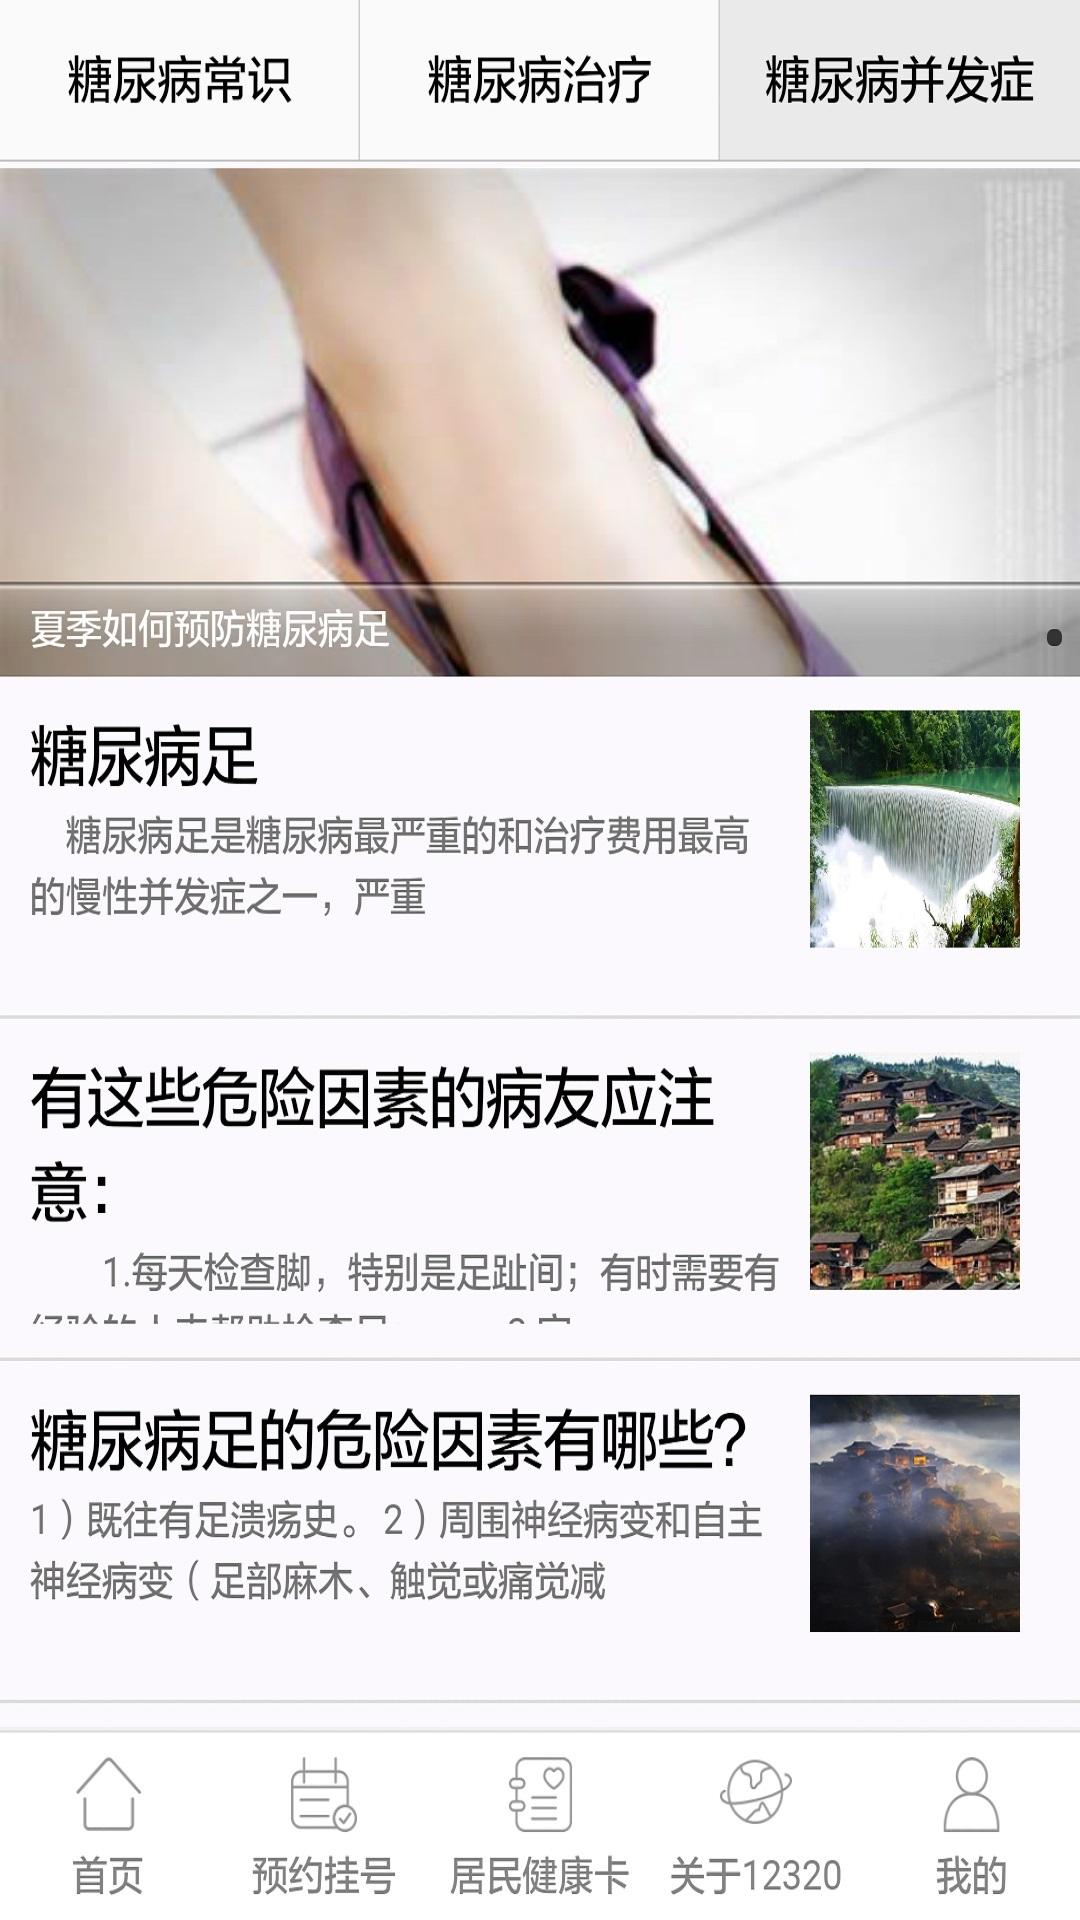 健康贵州12320软件app下载图片2